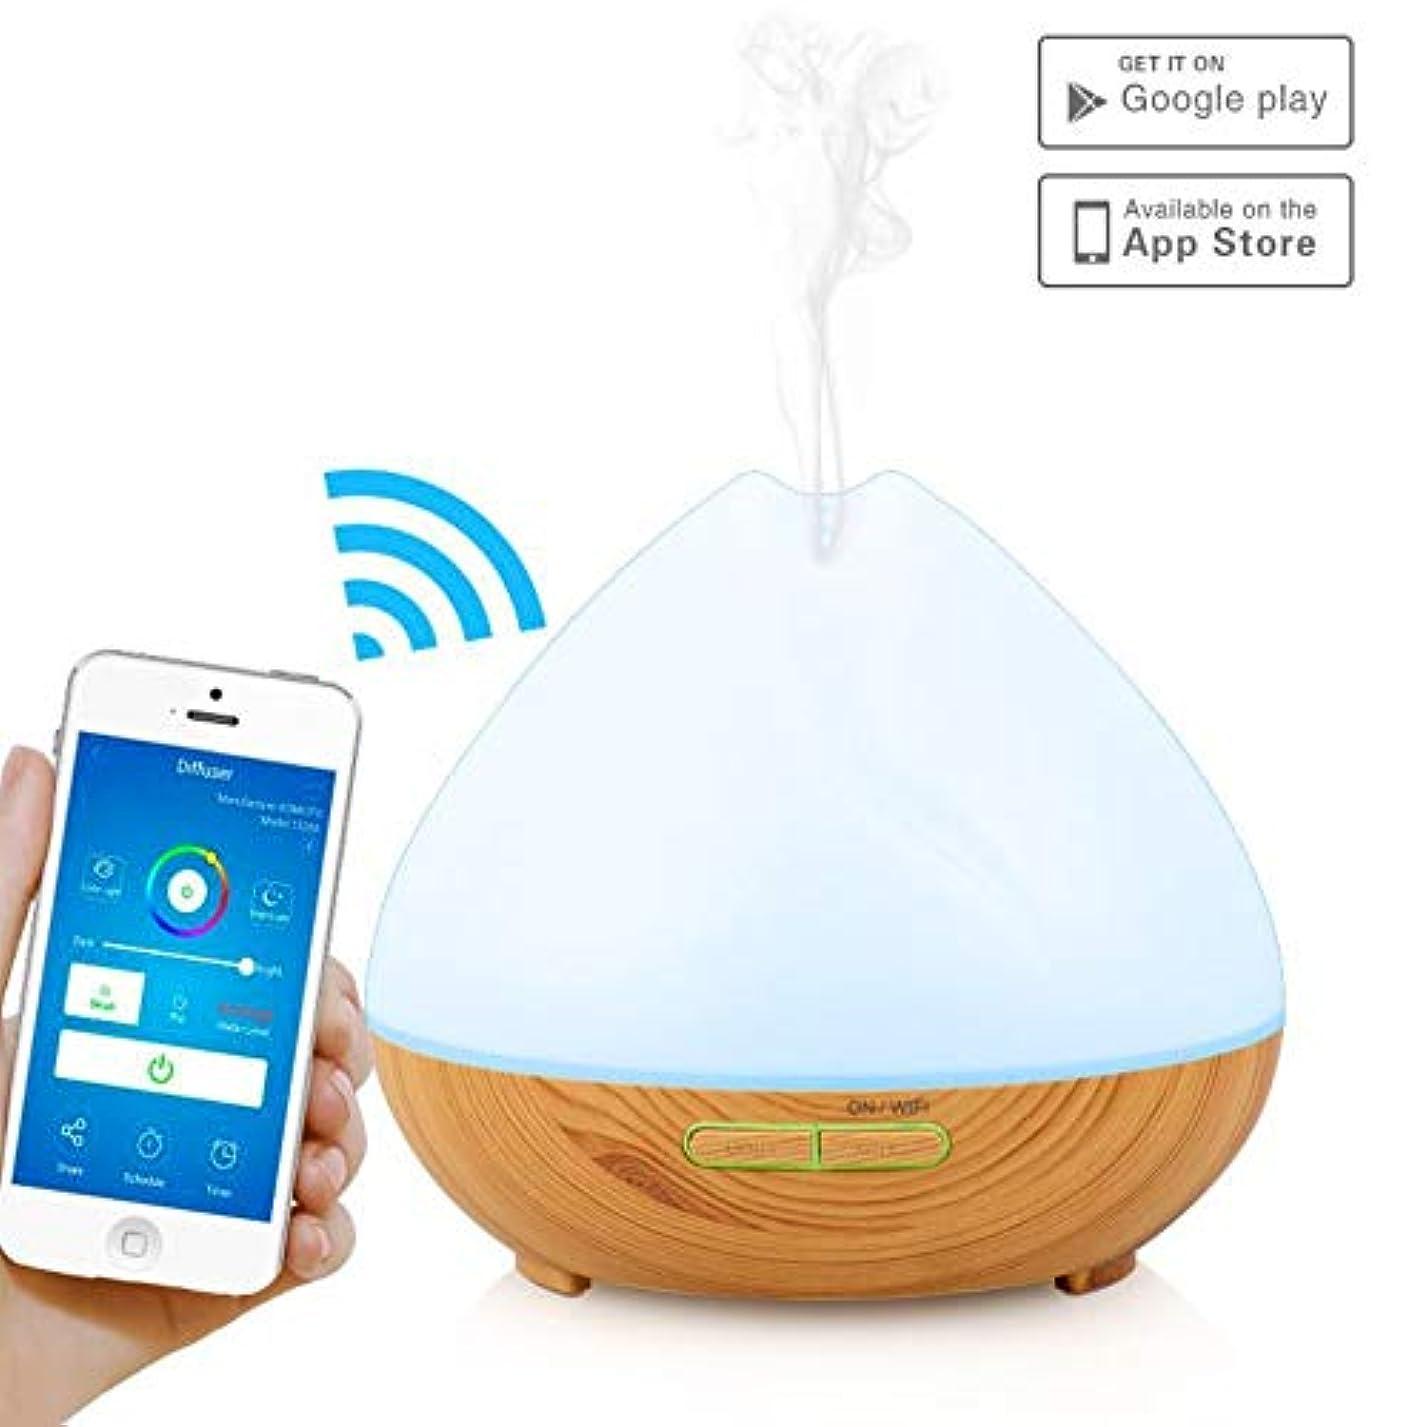 口述する実り多い間欠スマートWifiワイヤレスエッセンシャルオイルアロマセラピー400 ml超音波ディフューザーと加湿器AlexaとGoogle自宅電話アプリと音声制御-スケジュールの作成-LEDとタイマー設定